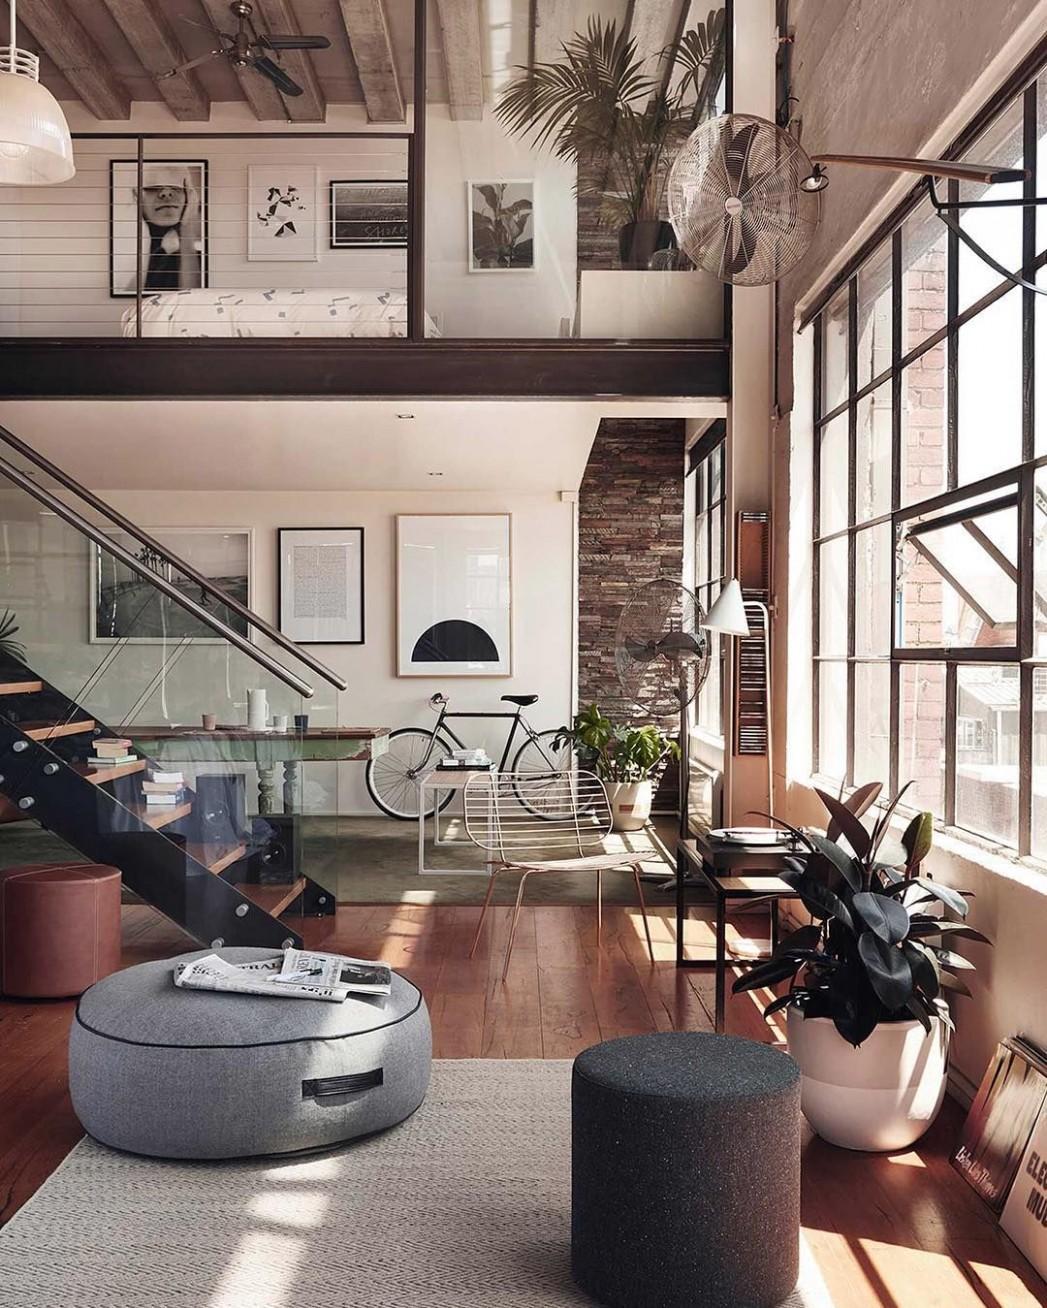 loft apartment  Tumblr  Interior architecture design, Interior  - Apartment Decor Ideas Tumblr